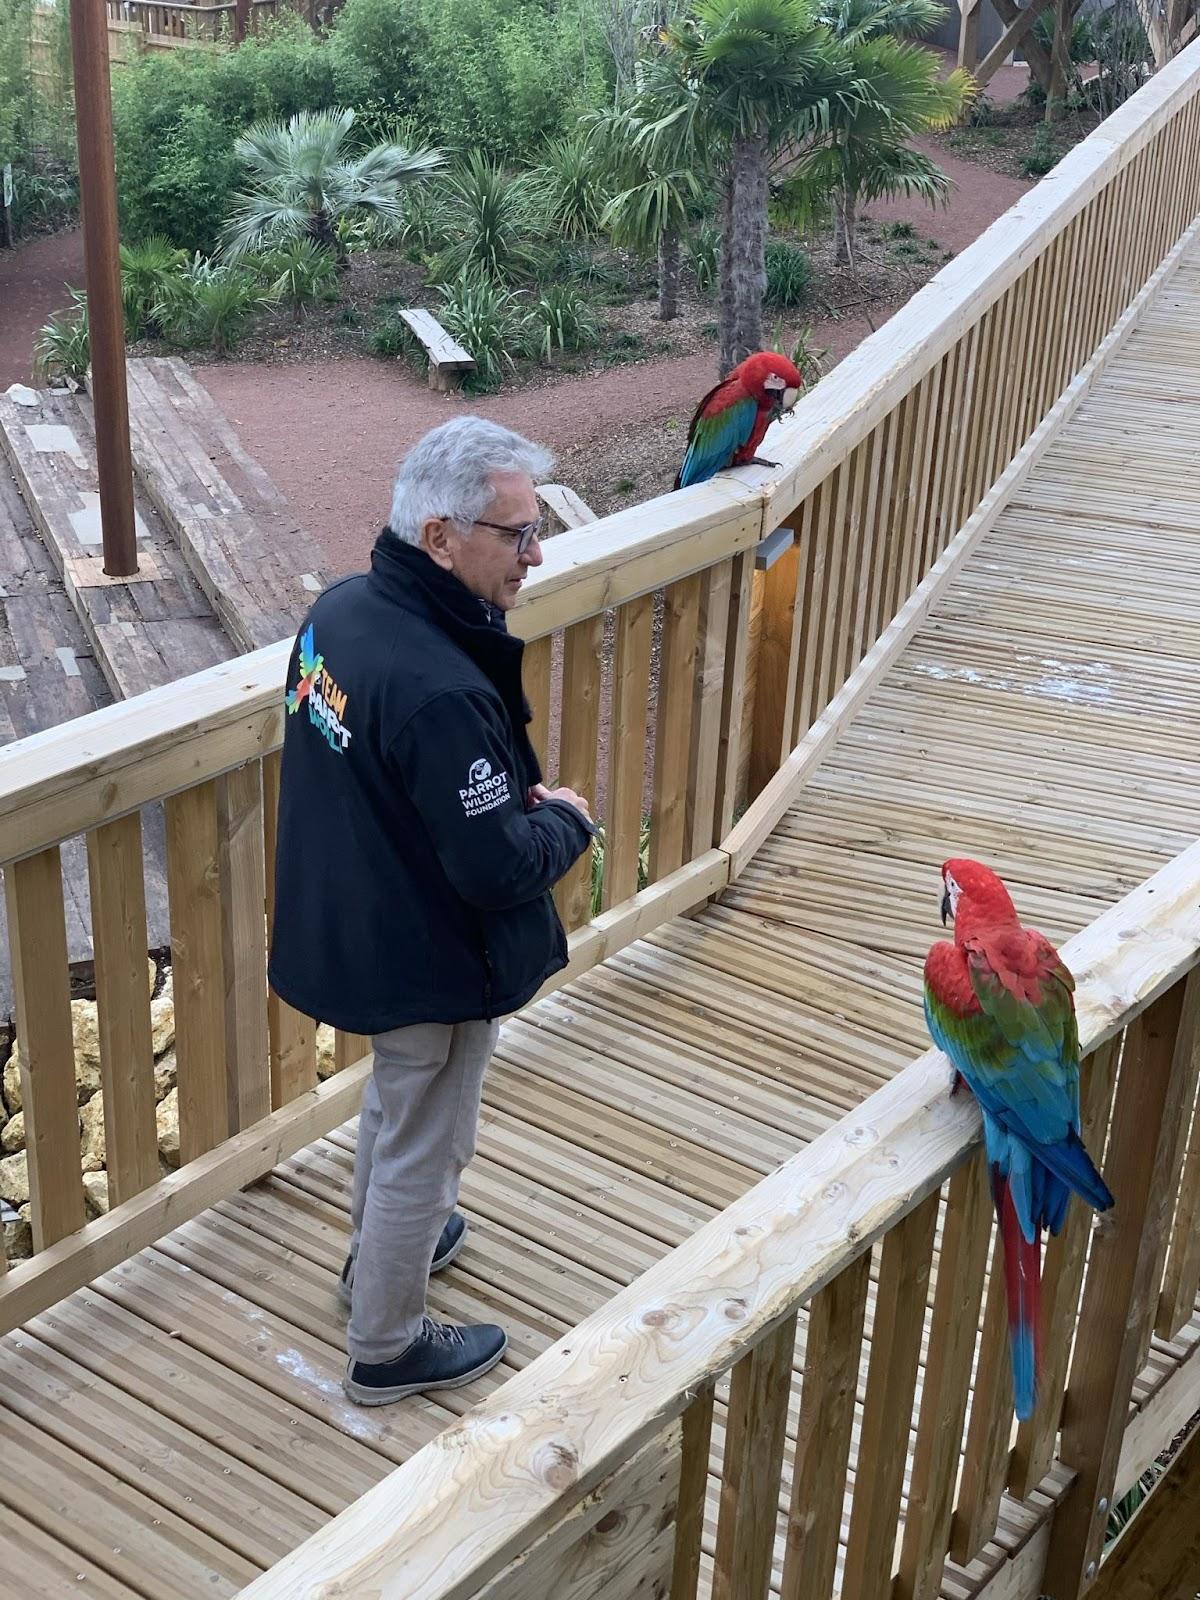 Eric Vignot, Fondateur de Parrot World